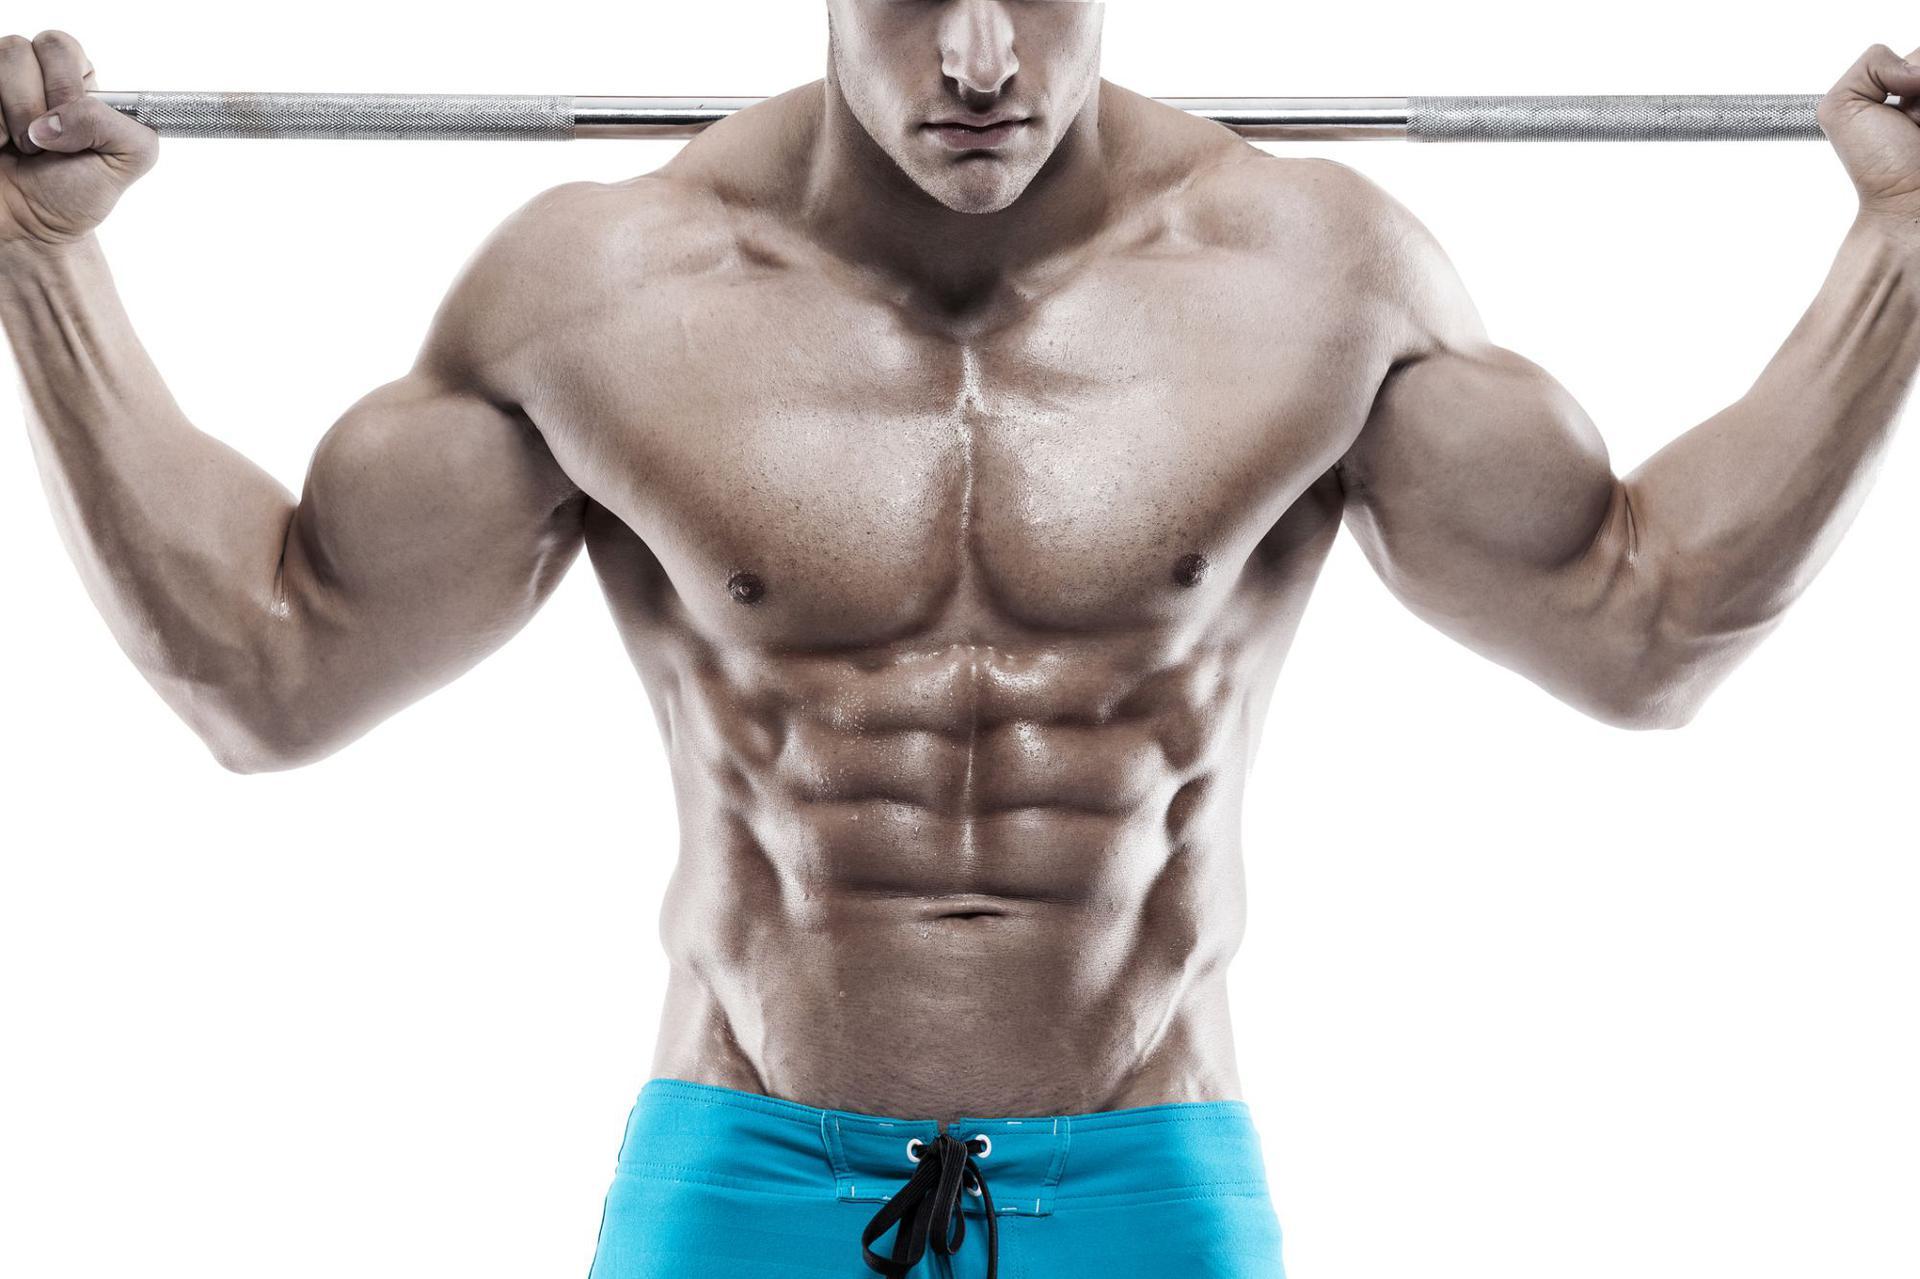 a8159d1b14fda0 Jak zbudować masę mięśniową? 4 najważniejsze wskazówki - WFormie24.pl